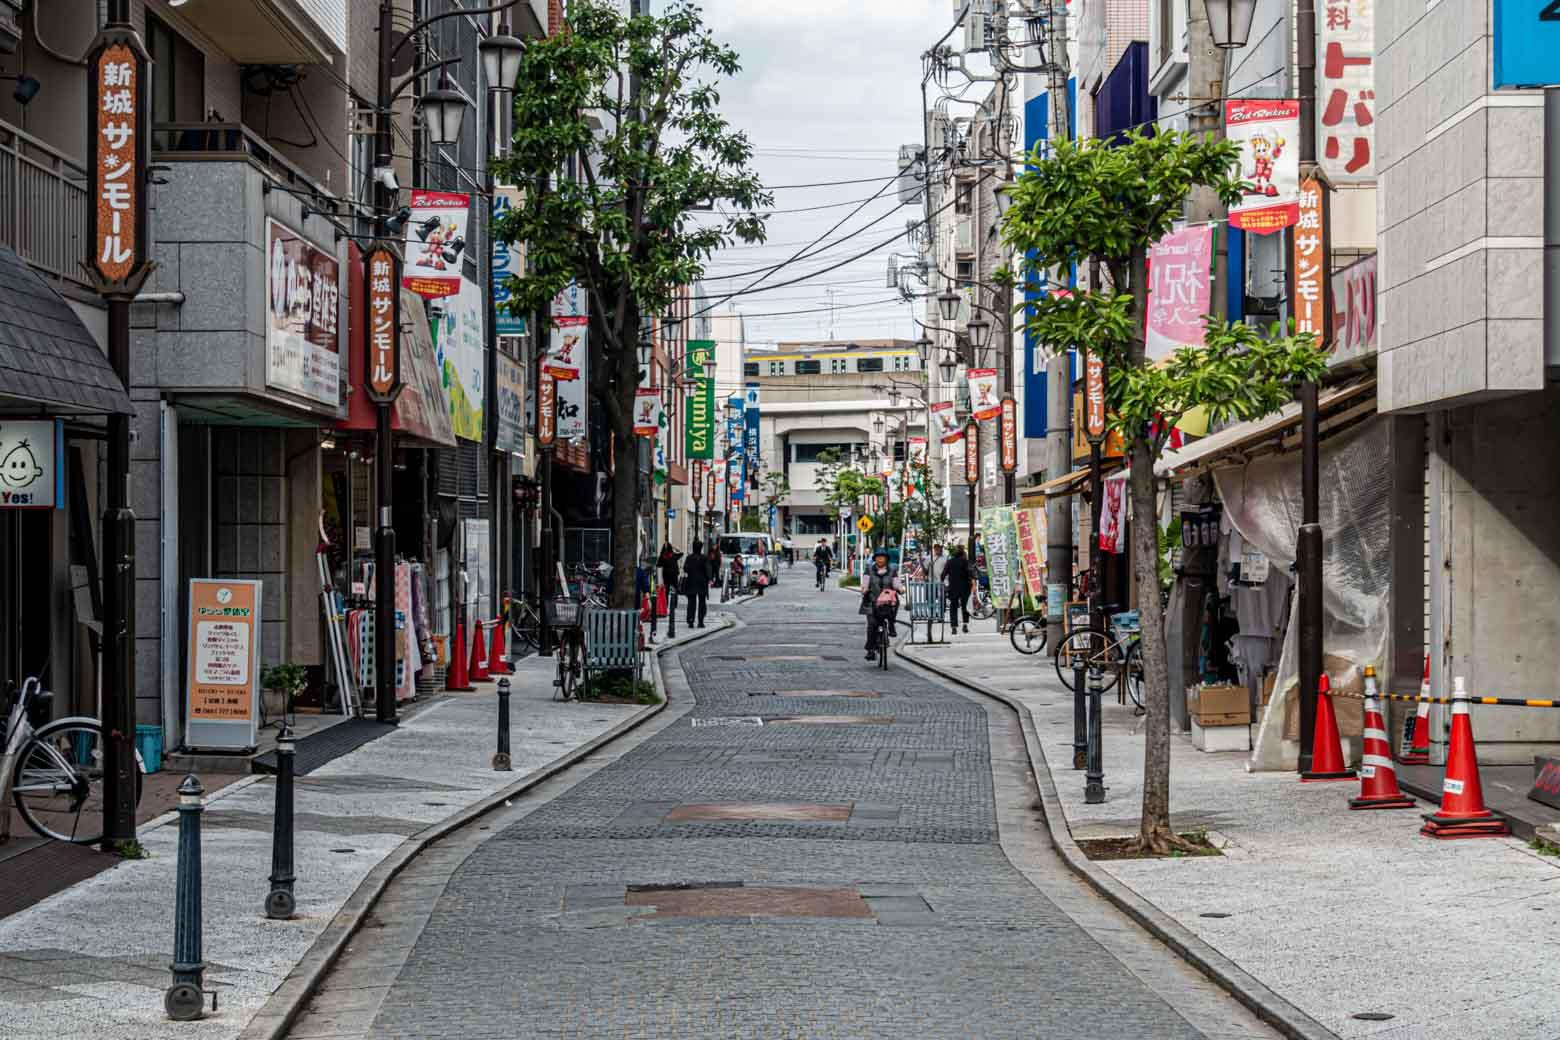 〈武蔵新城サンモール〉を通って駅に戻りました。ぜひ、お気に入りの商店街を探してみてください。